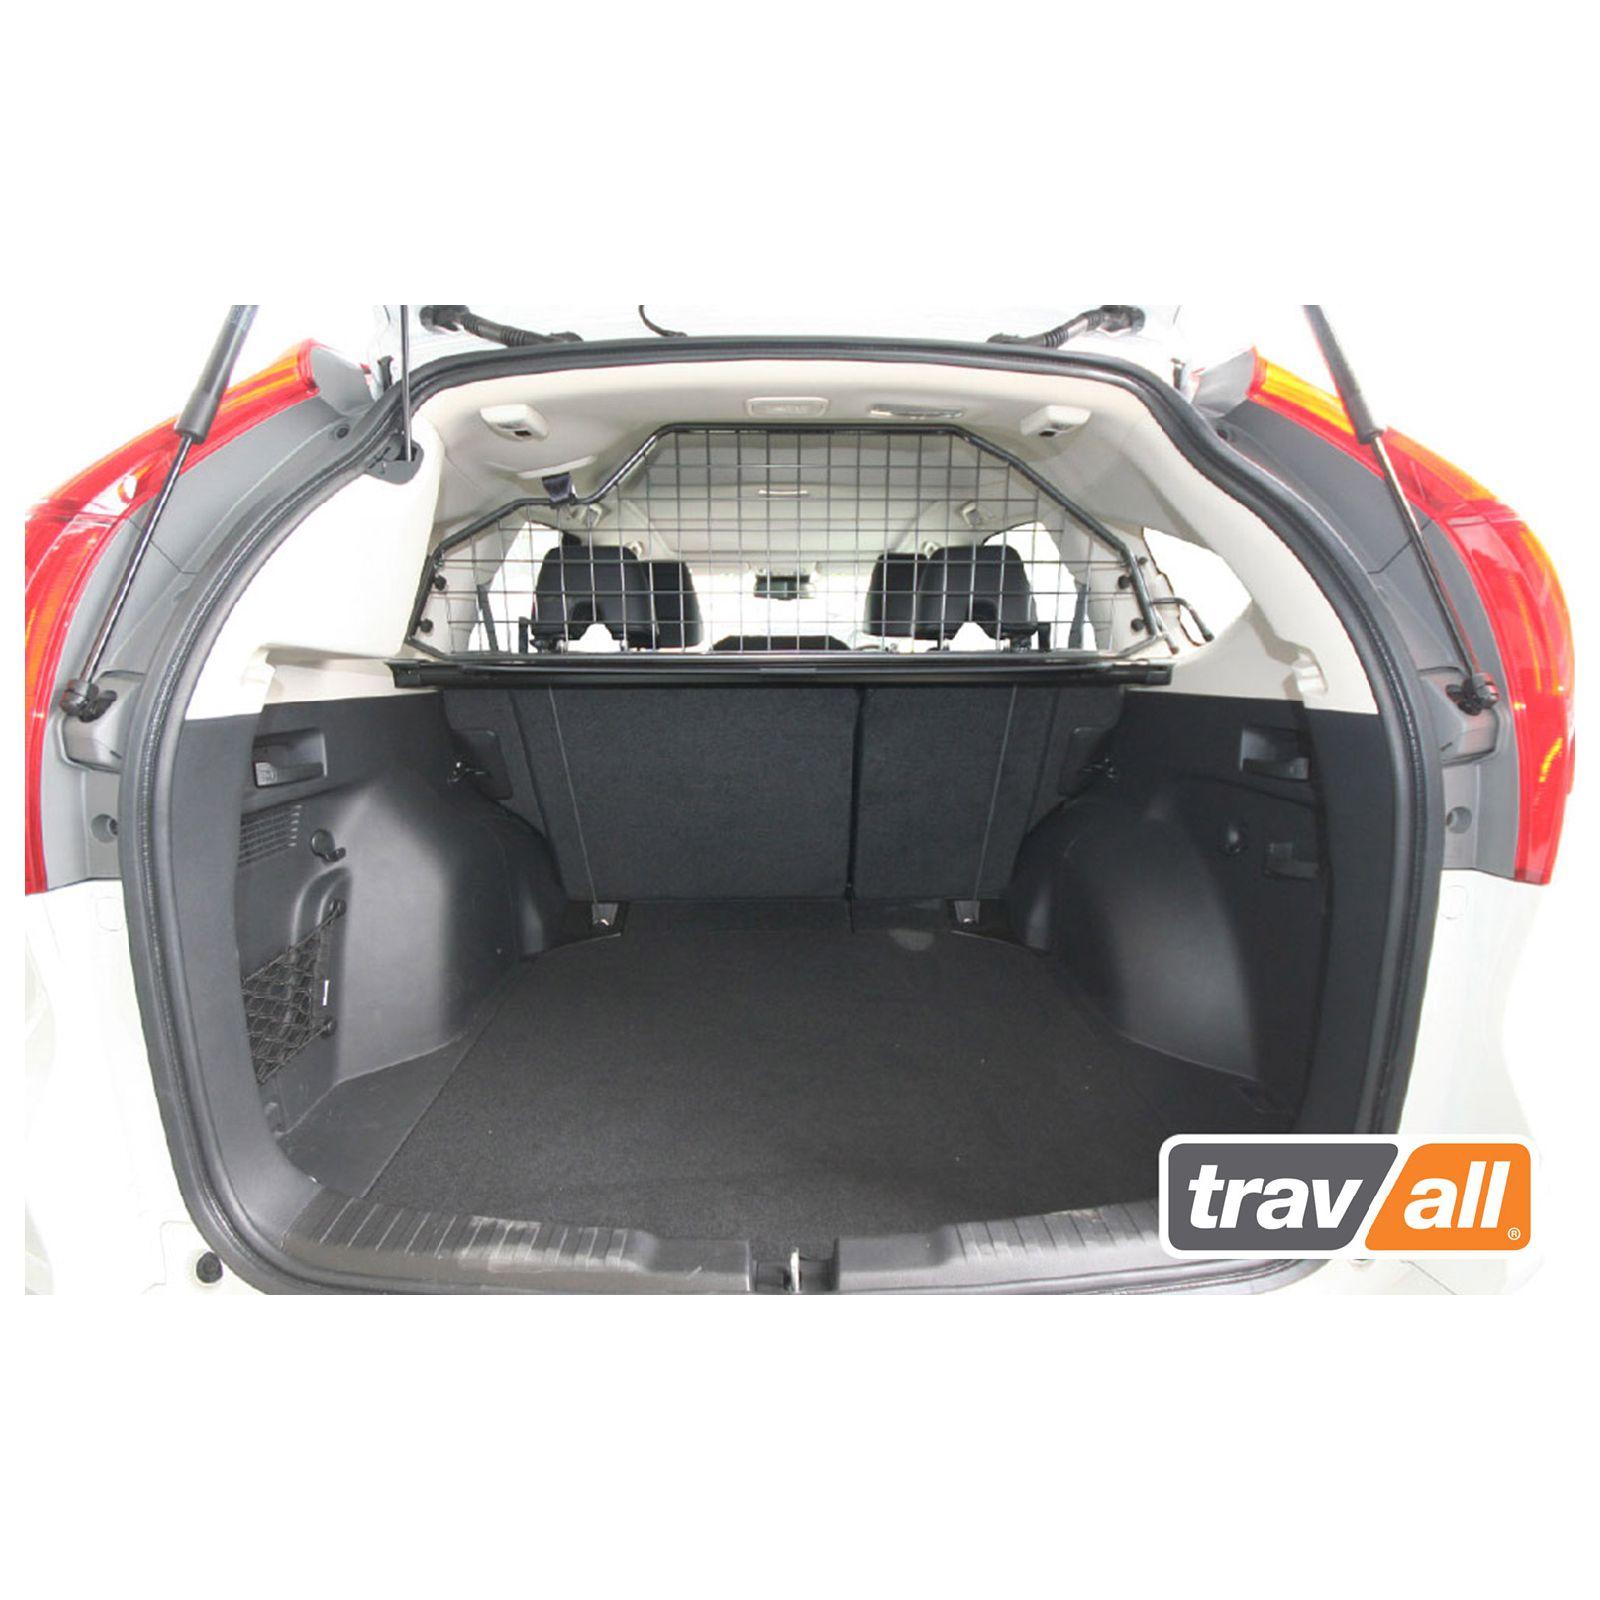 2016 Honda Cr V Transmission: TRAVALL DOG GUARD HONDA CR-V [US MARKET] (2011-2016)